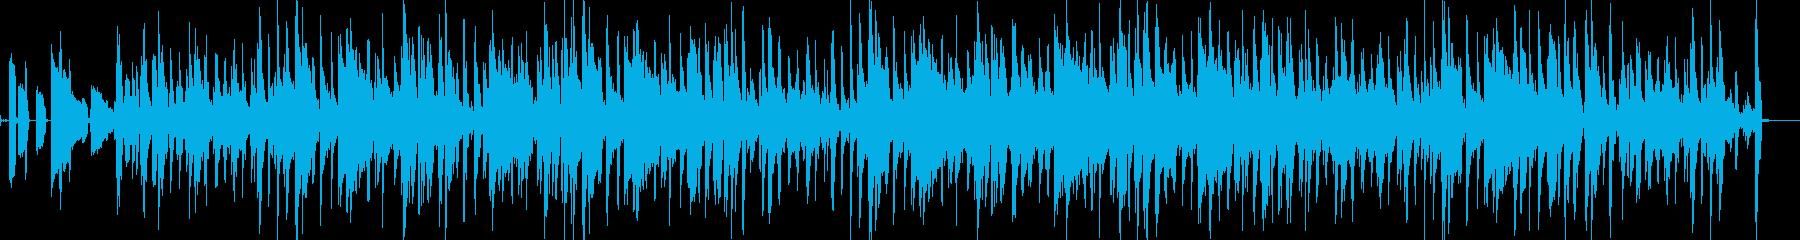 サラサラ ジャズ ドラマチック ゆ...の再生済みの波形